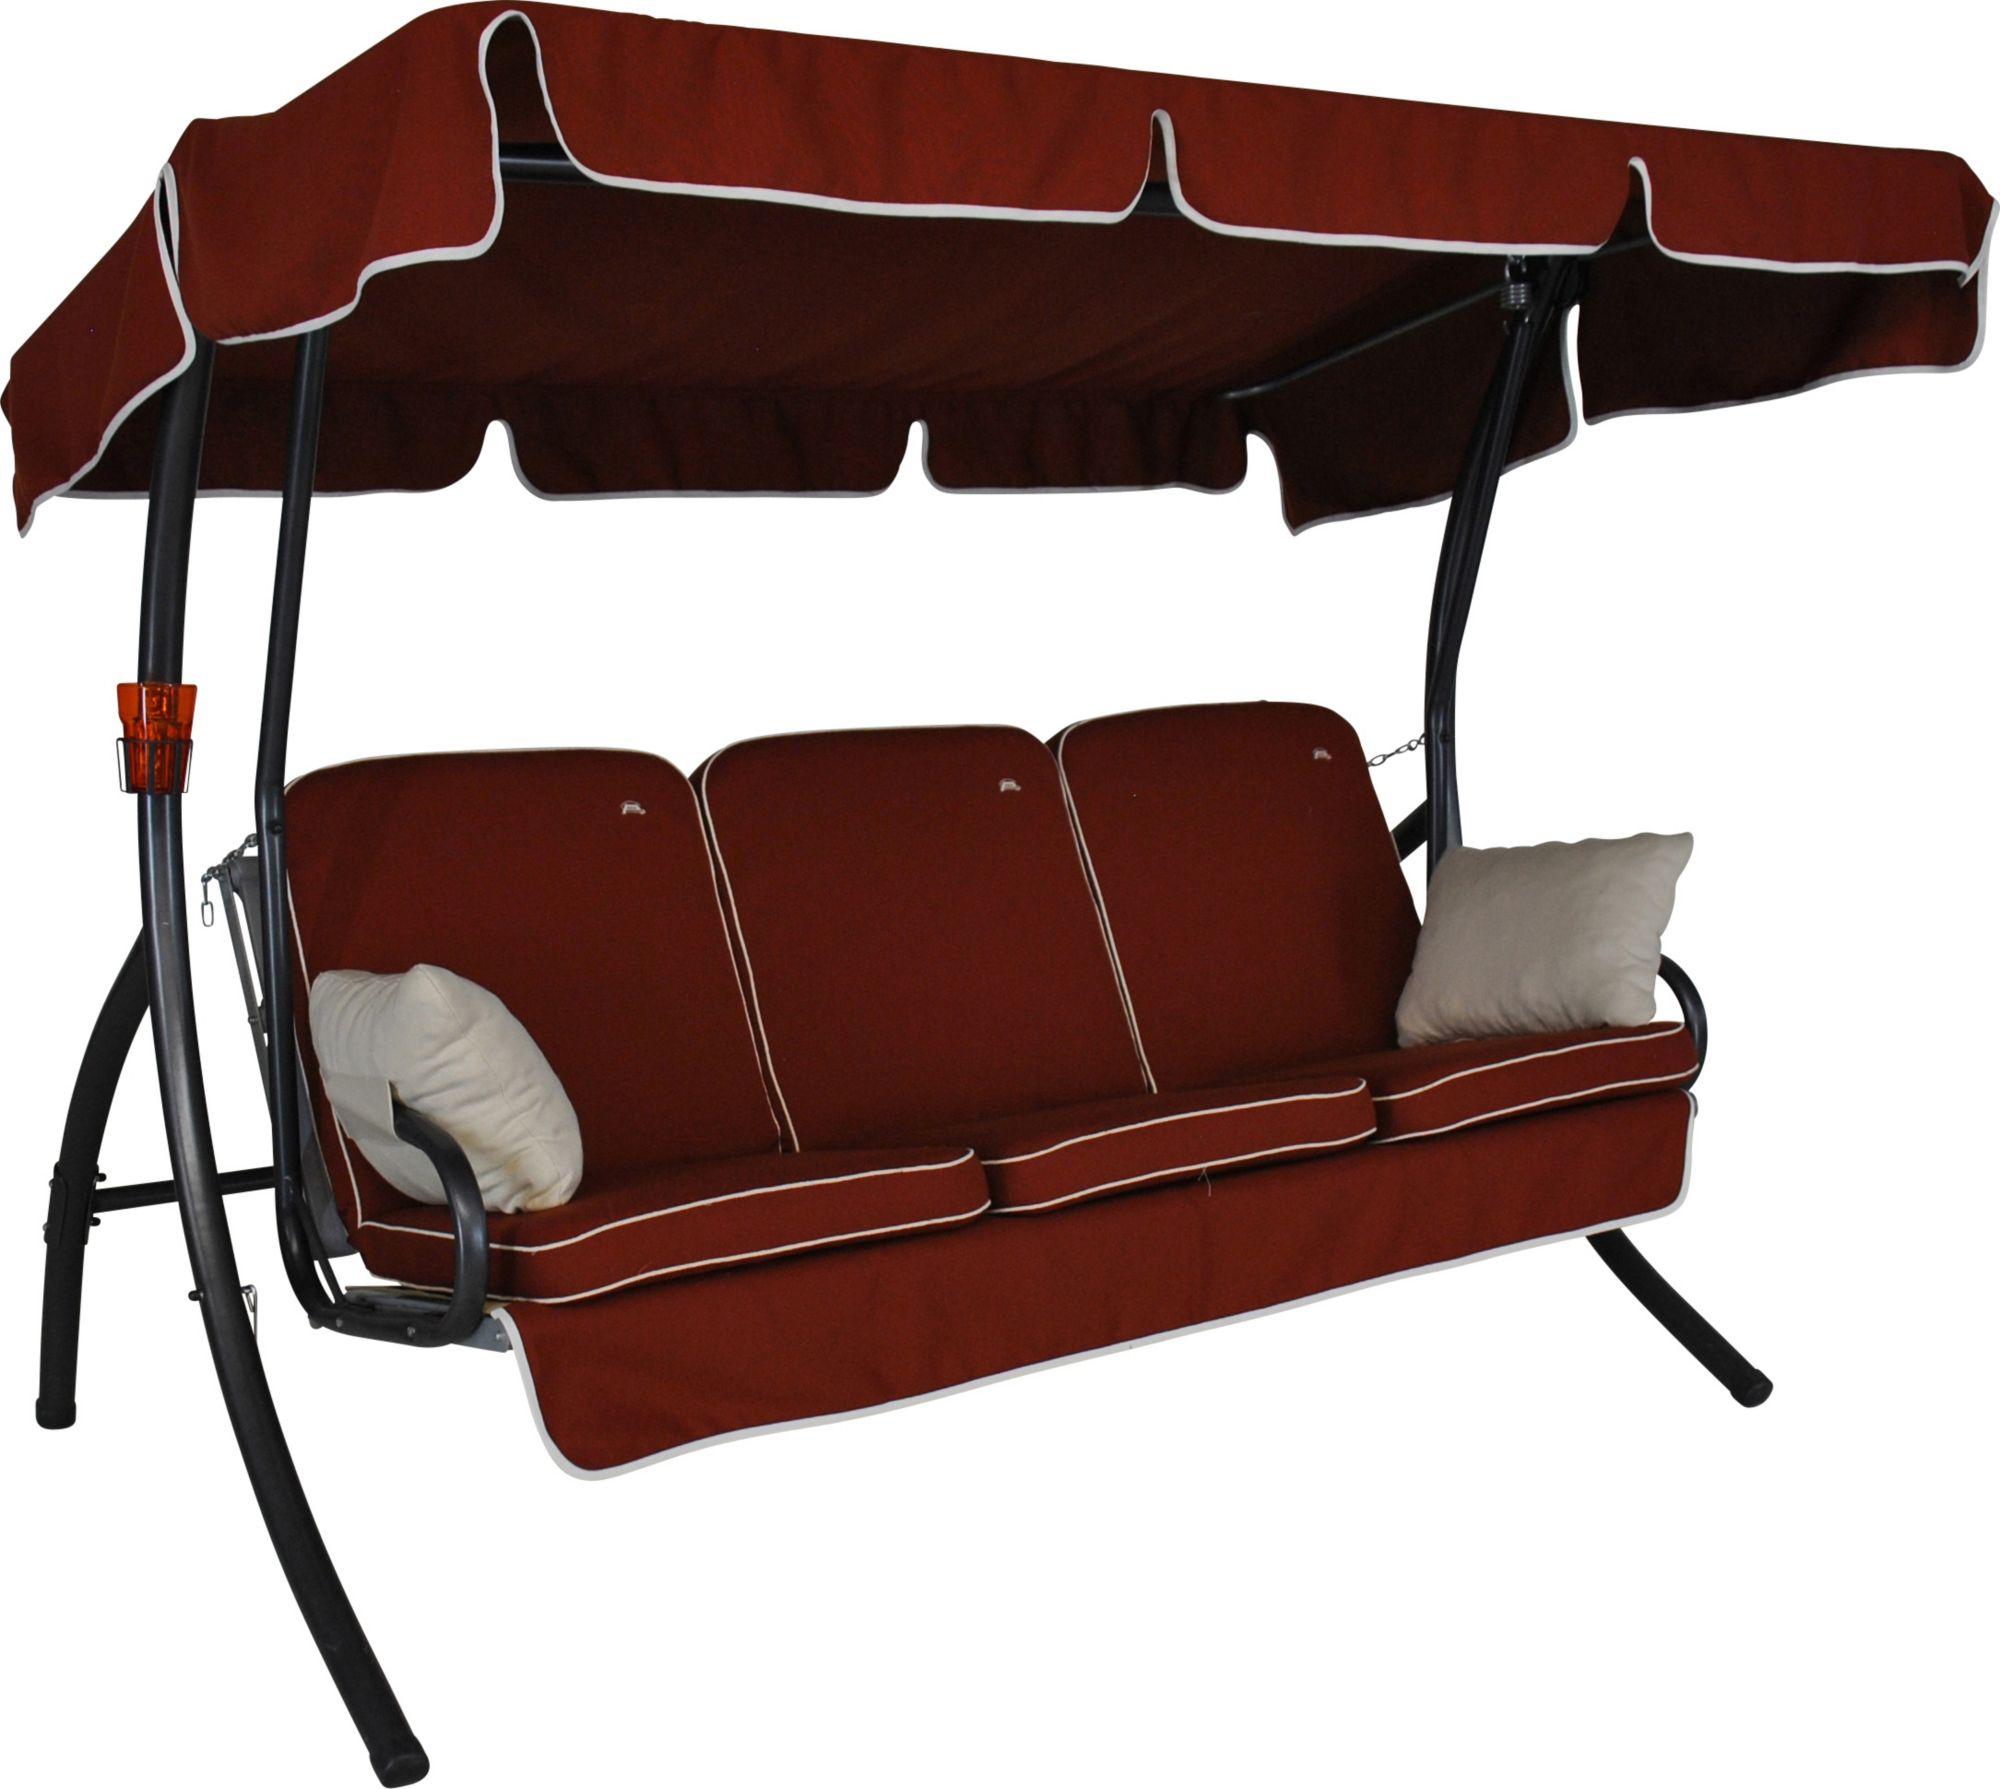 ANGERER FREIZEITMÖBEL  Hollywoodschaukel »Comfort Style«, 3-Sitzer, rot